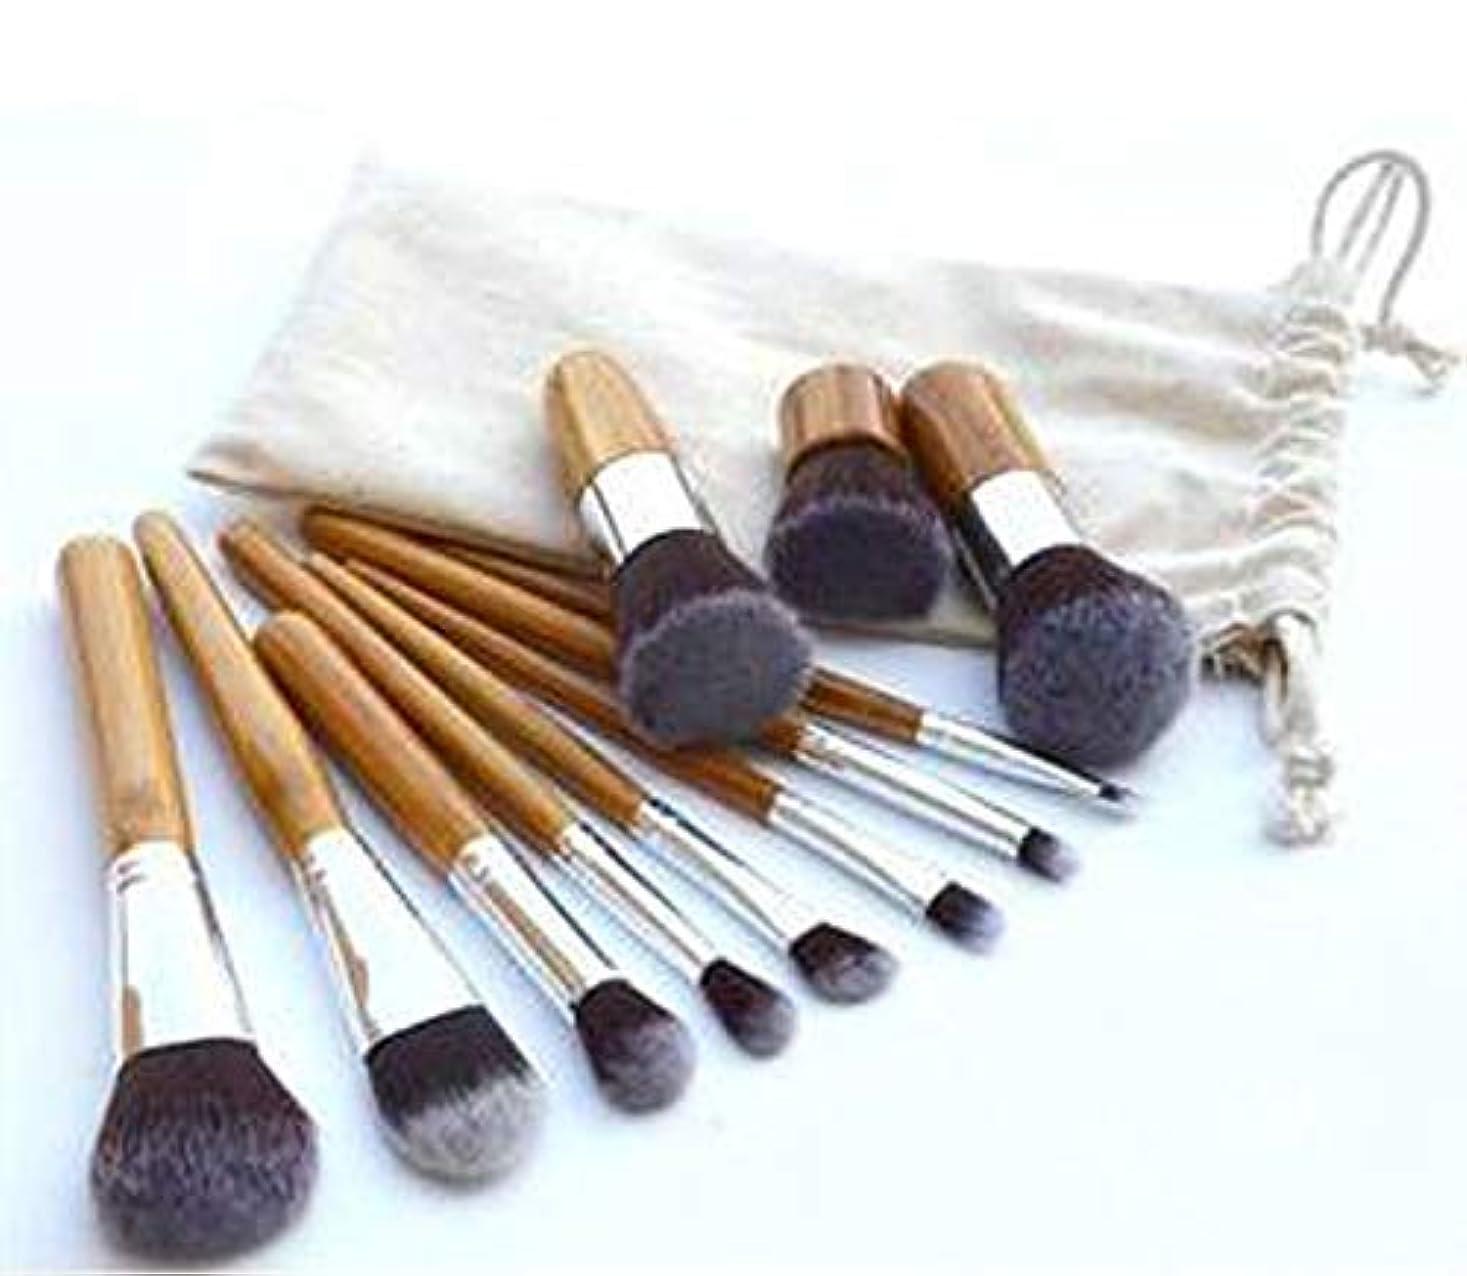 習熟度データ従うShiMin 化粧ブラシセット、11本の緑の竹製ハンドル、収納化粧品バッグ付きブラシセット、初心者やメイクアップアーティストのための美容ツールの実用的なフルセット